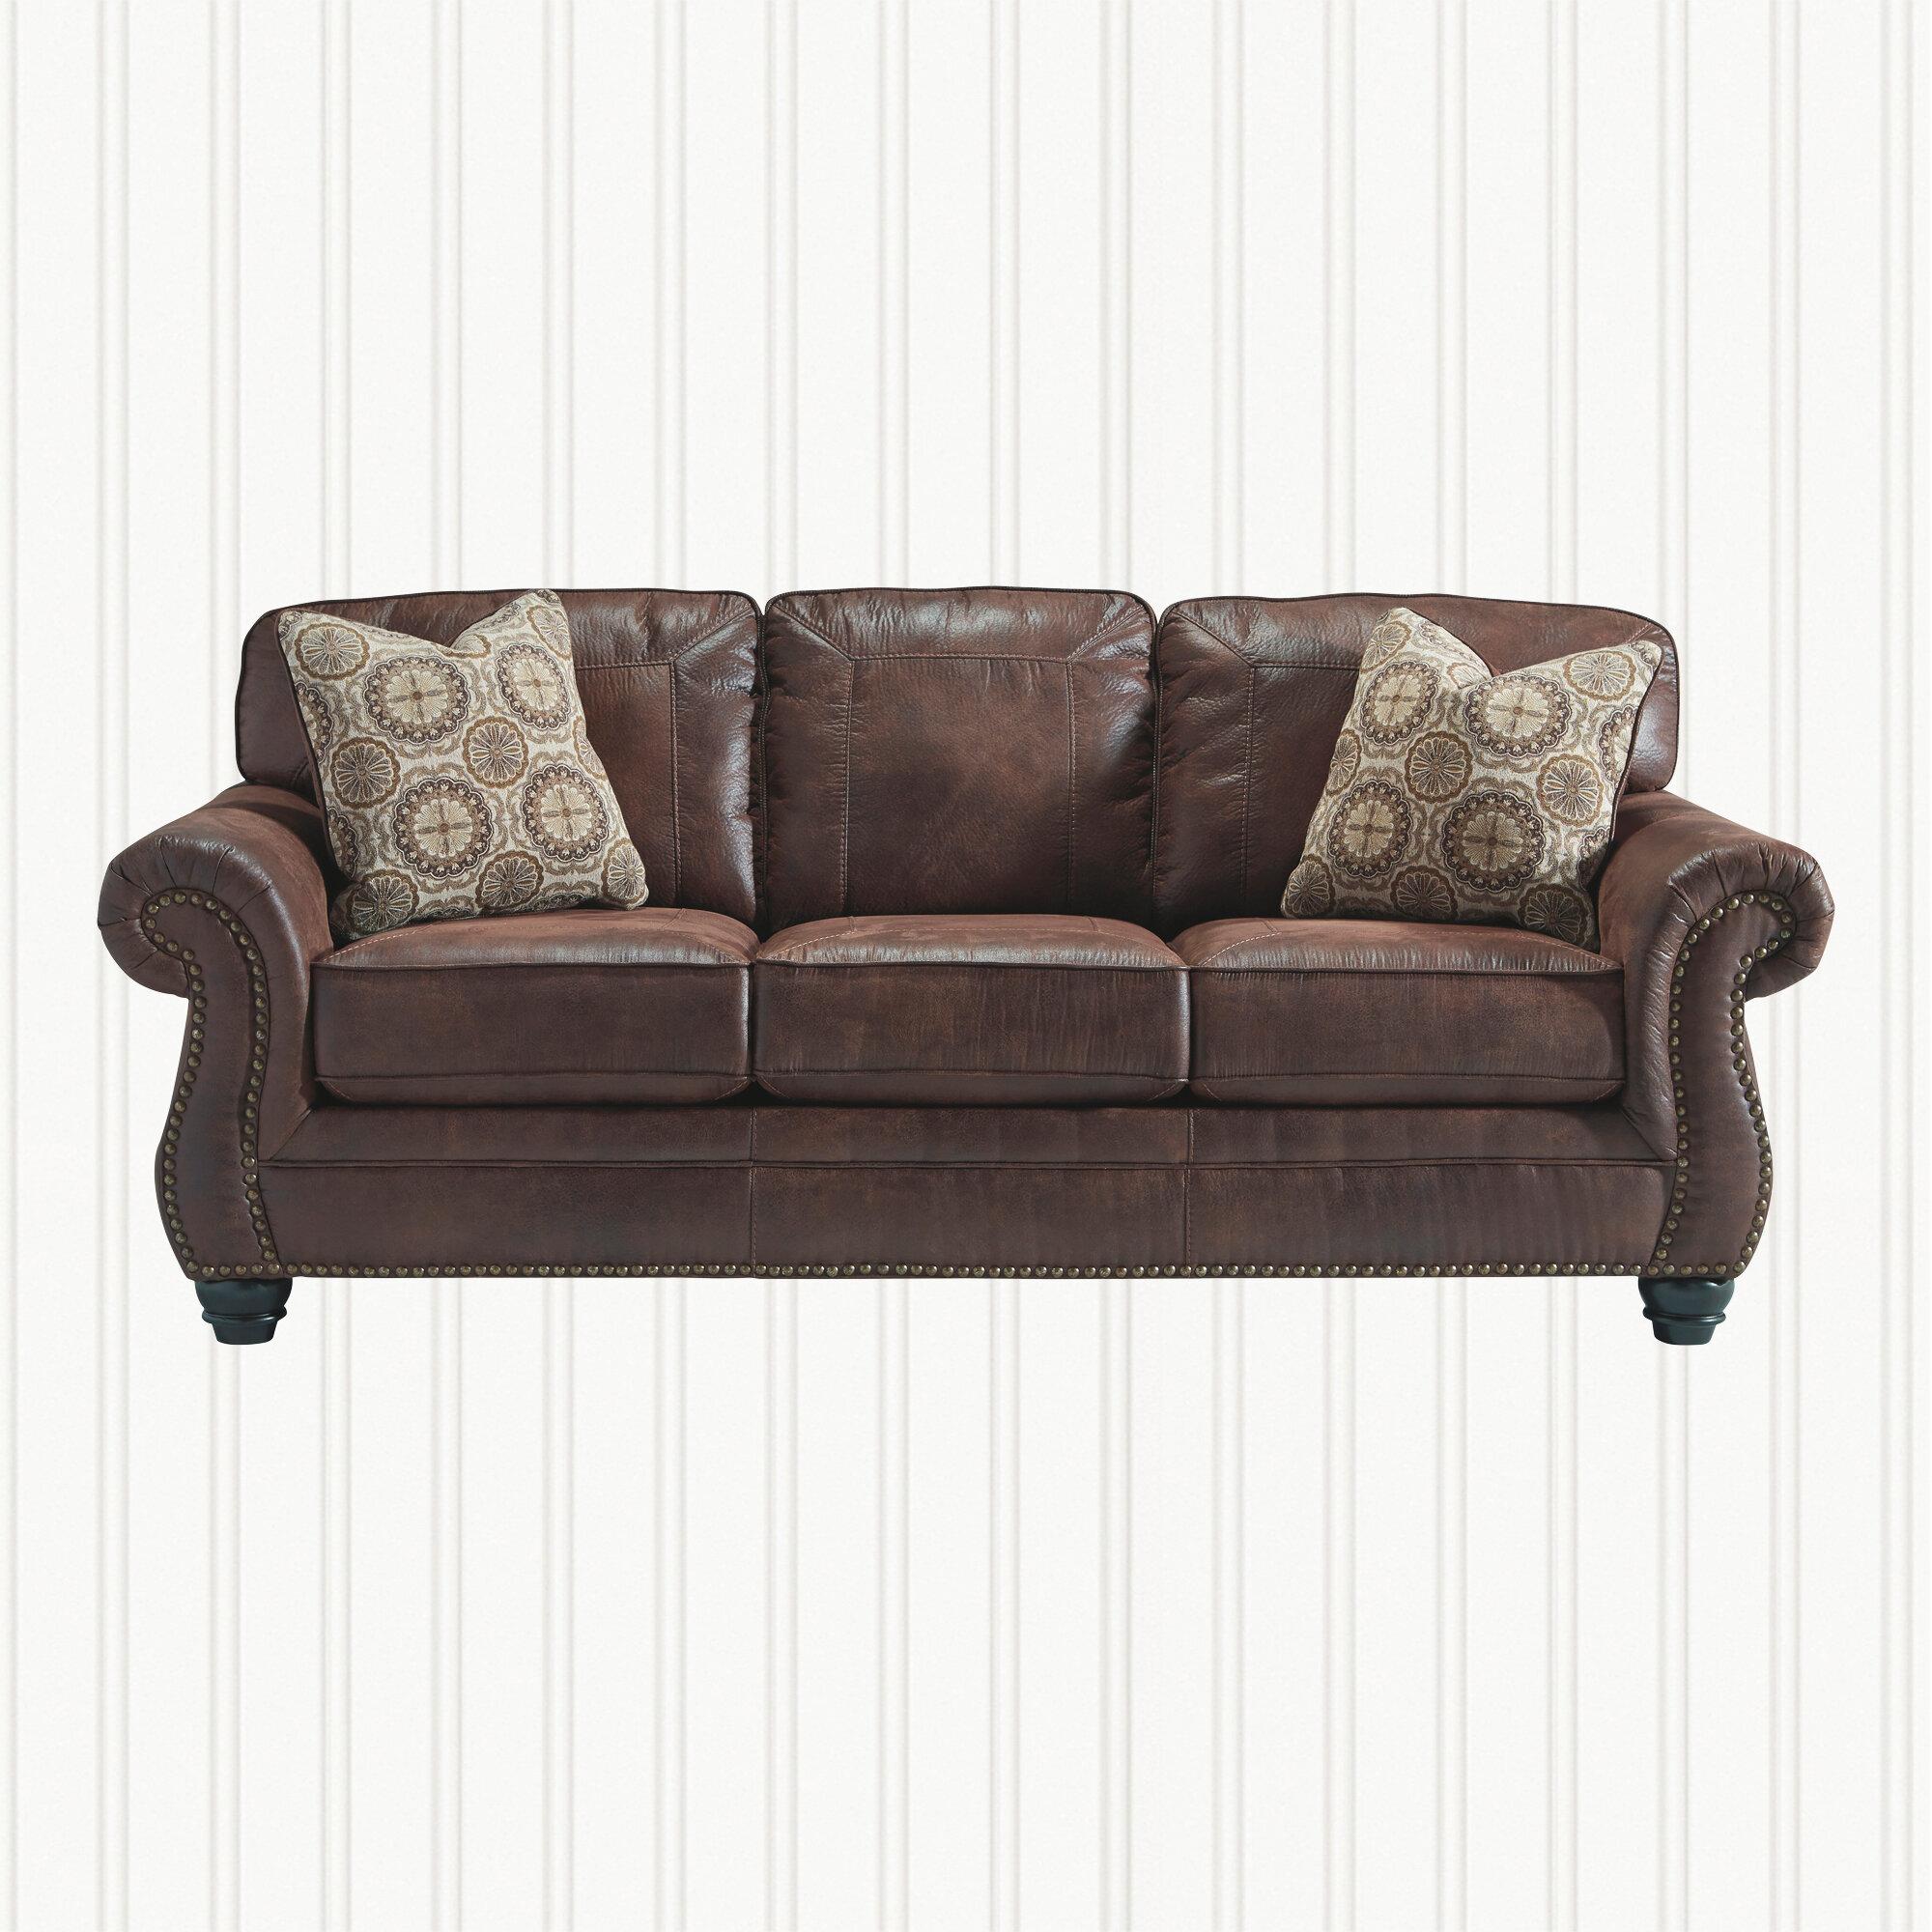 Conesville Queen Sleeper Sofa